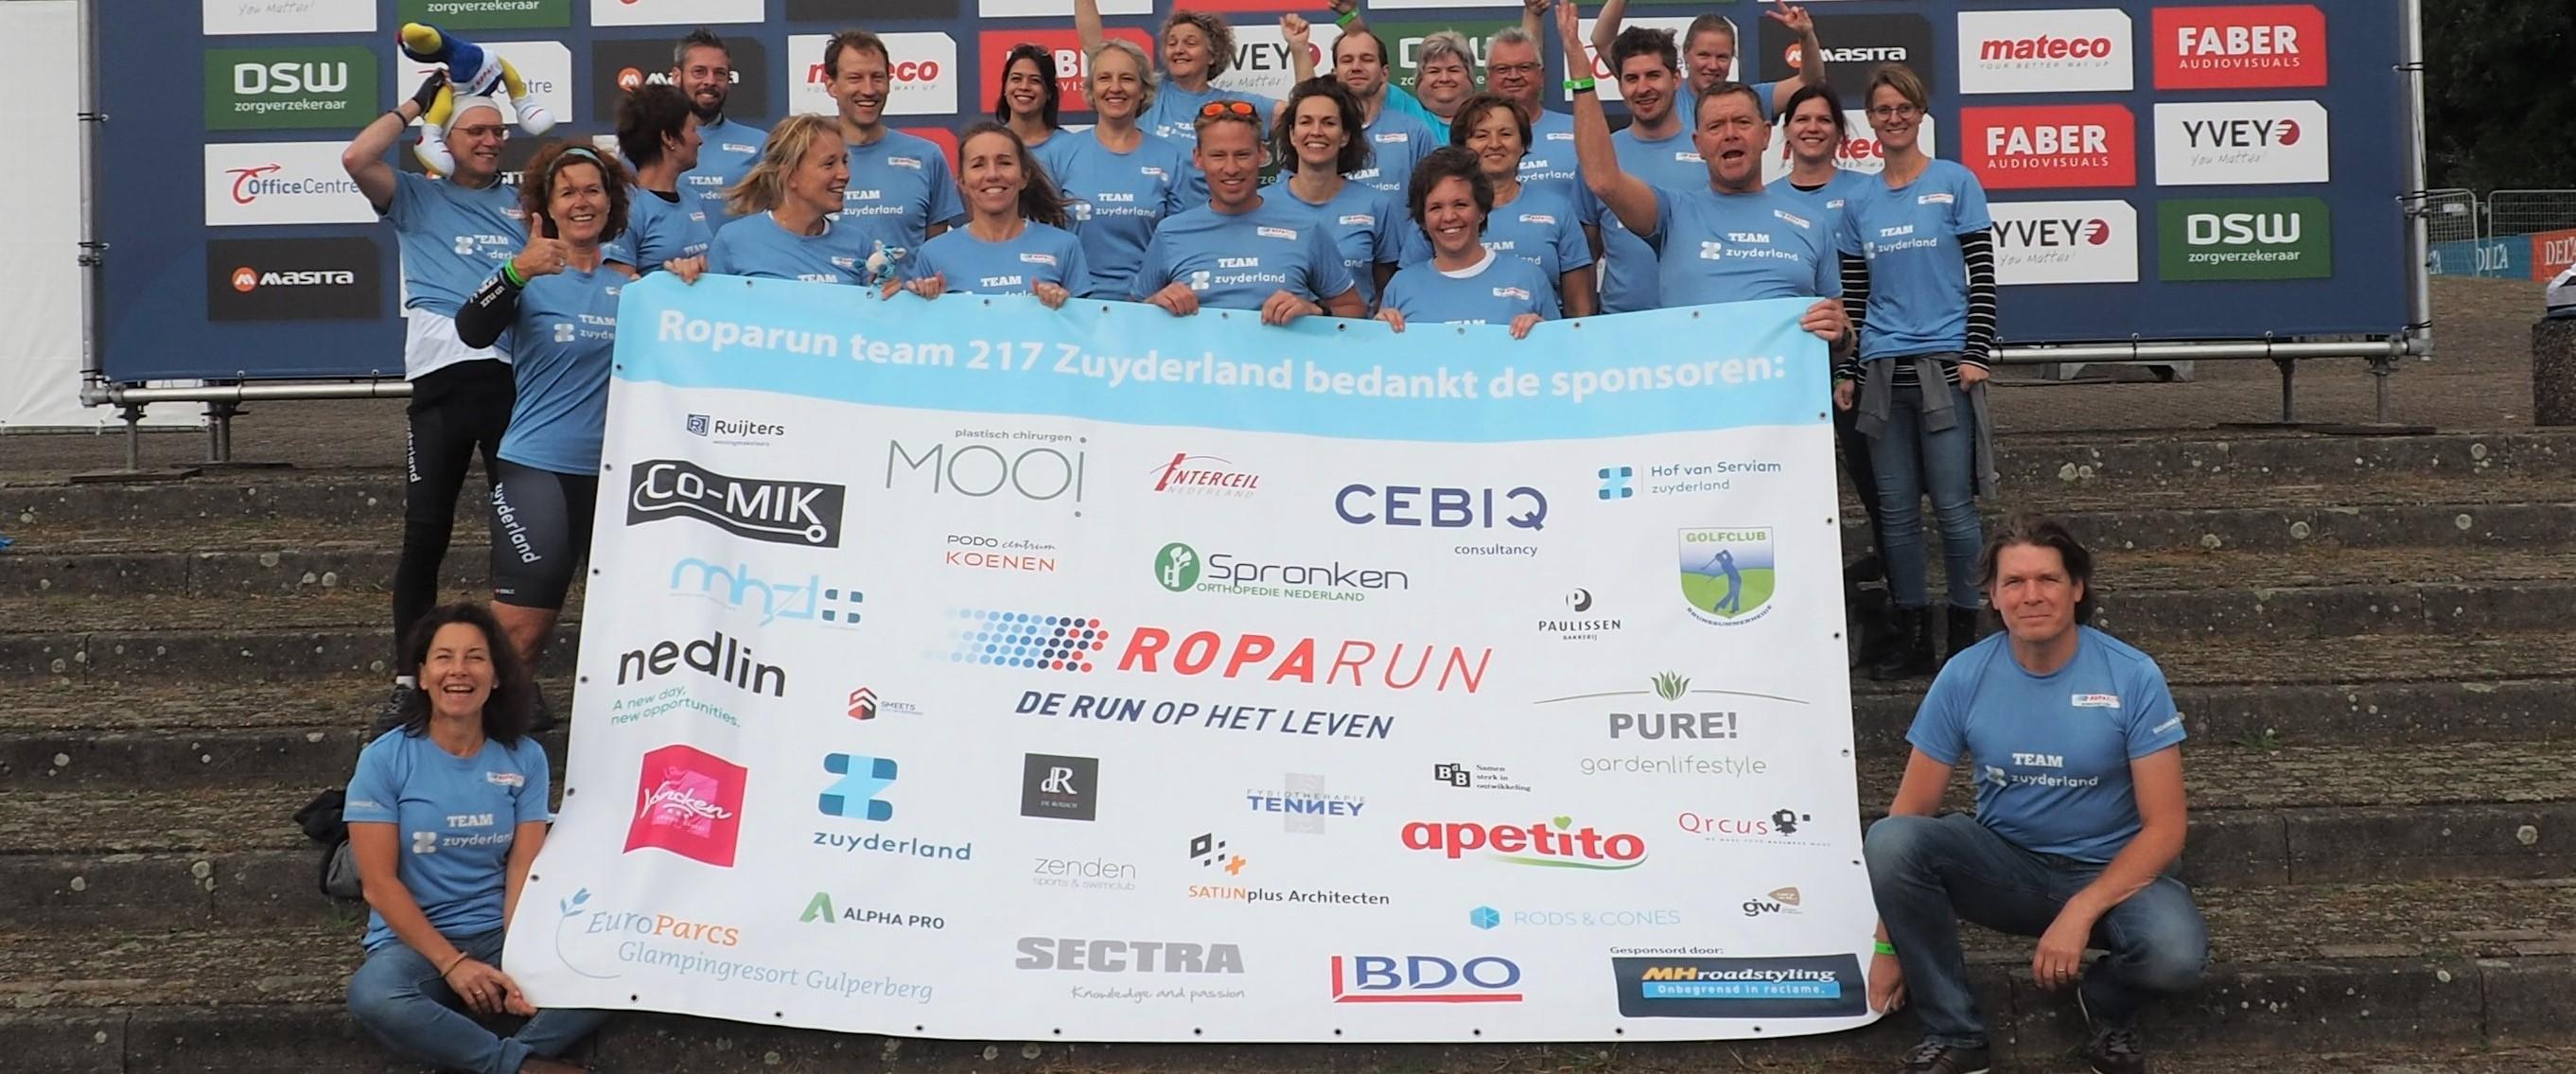 RoparunTeam217_start_banner